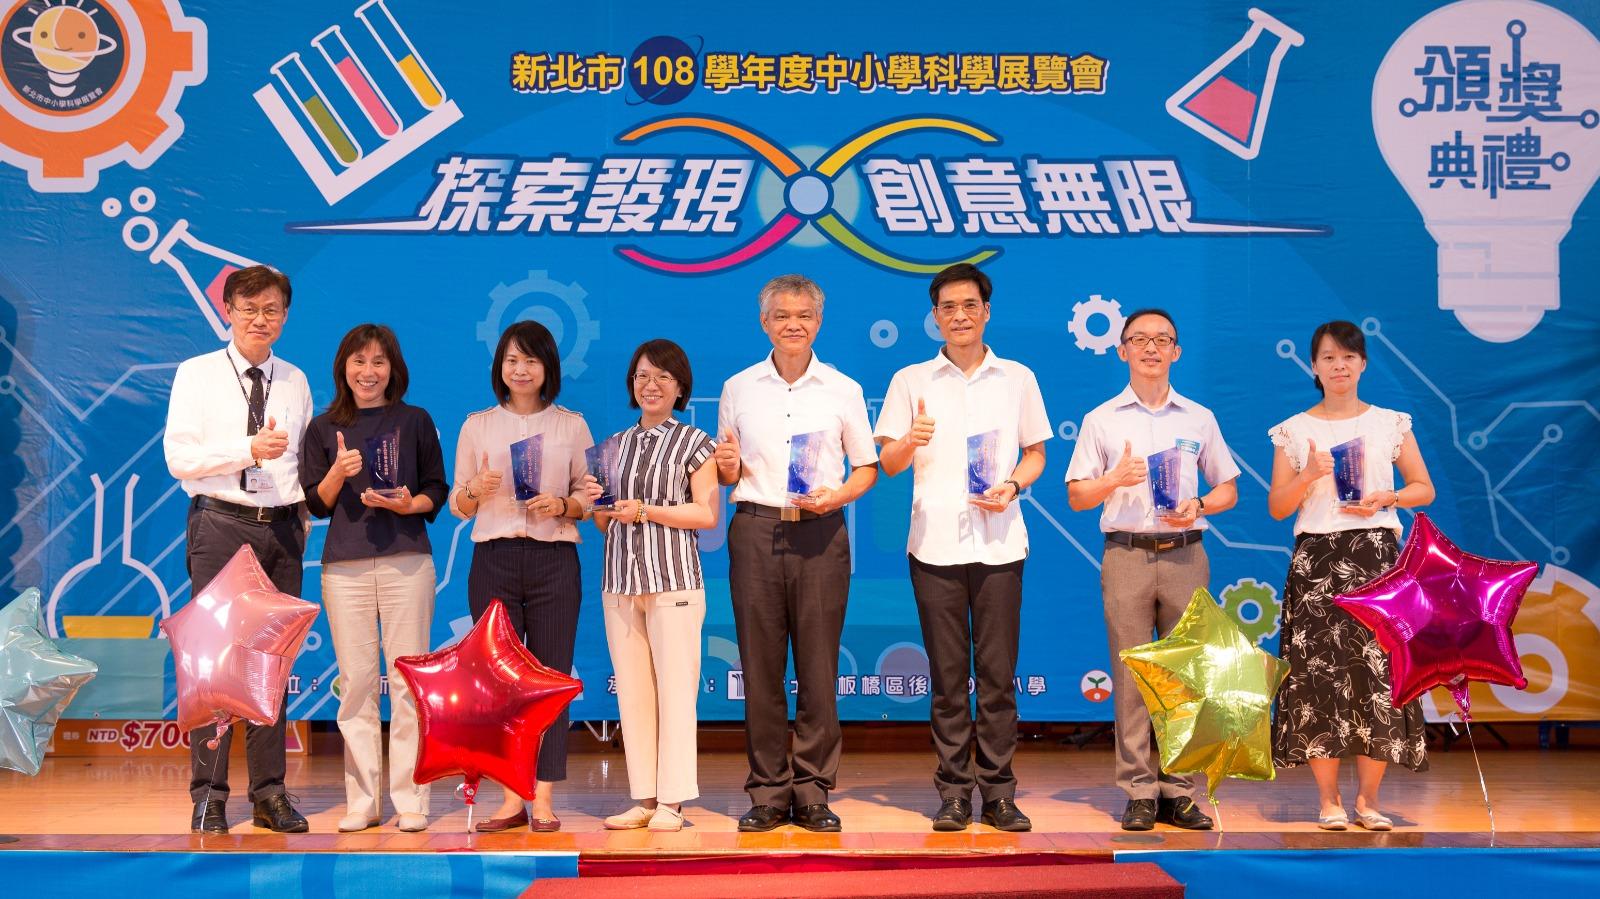 108學年度科展頒獎典禮